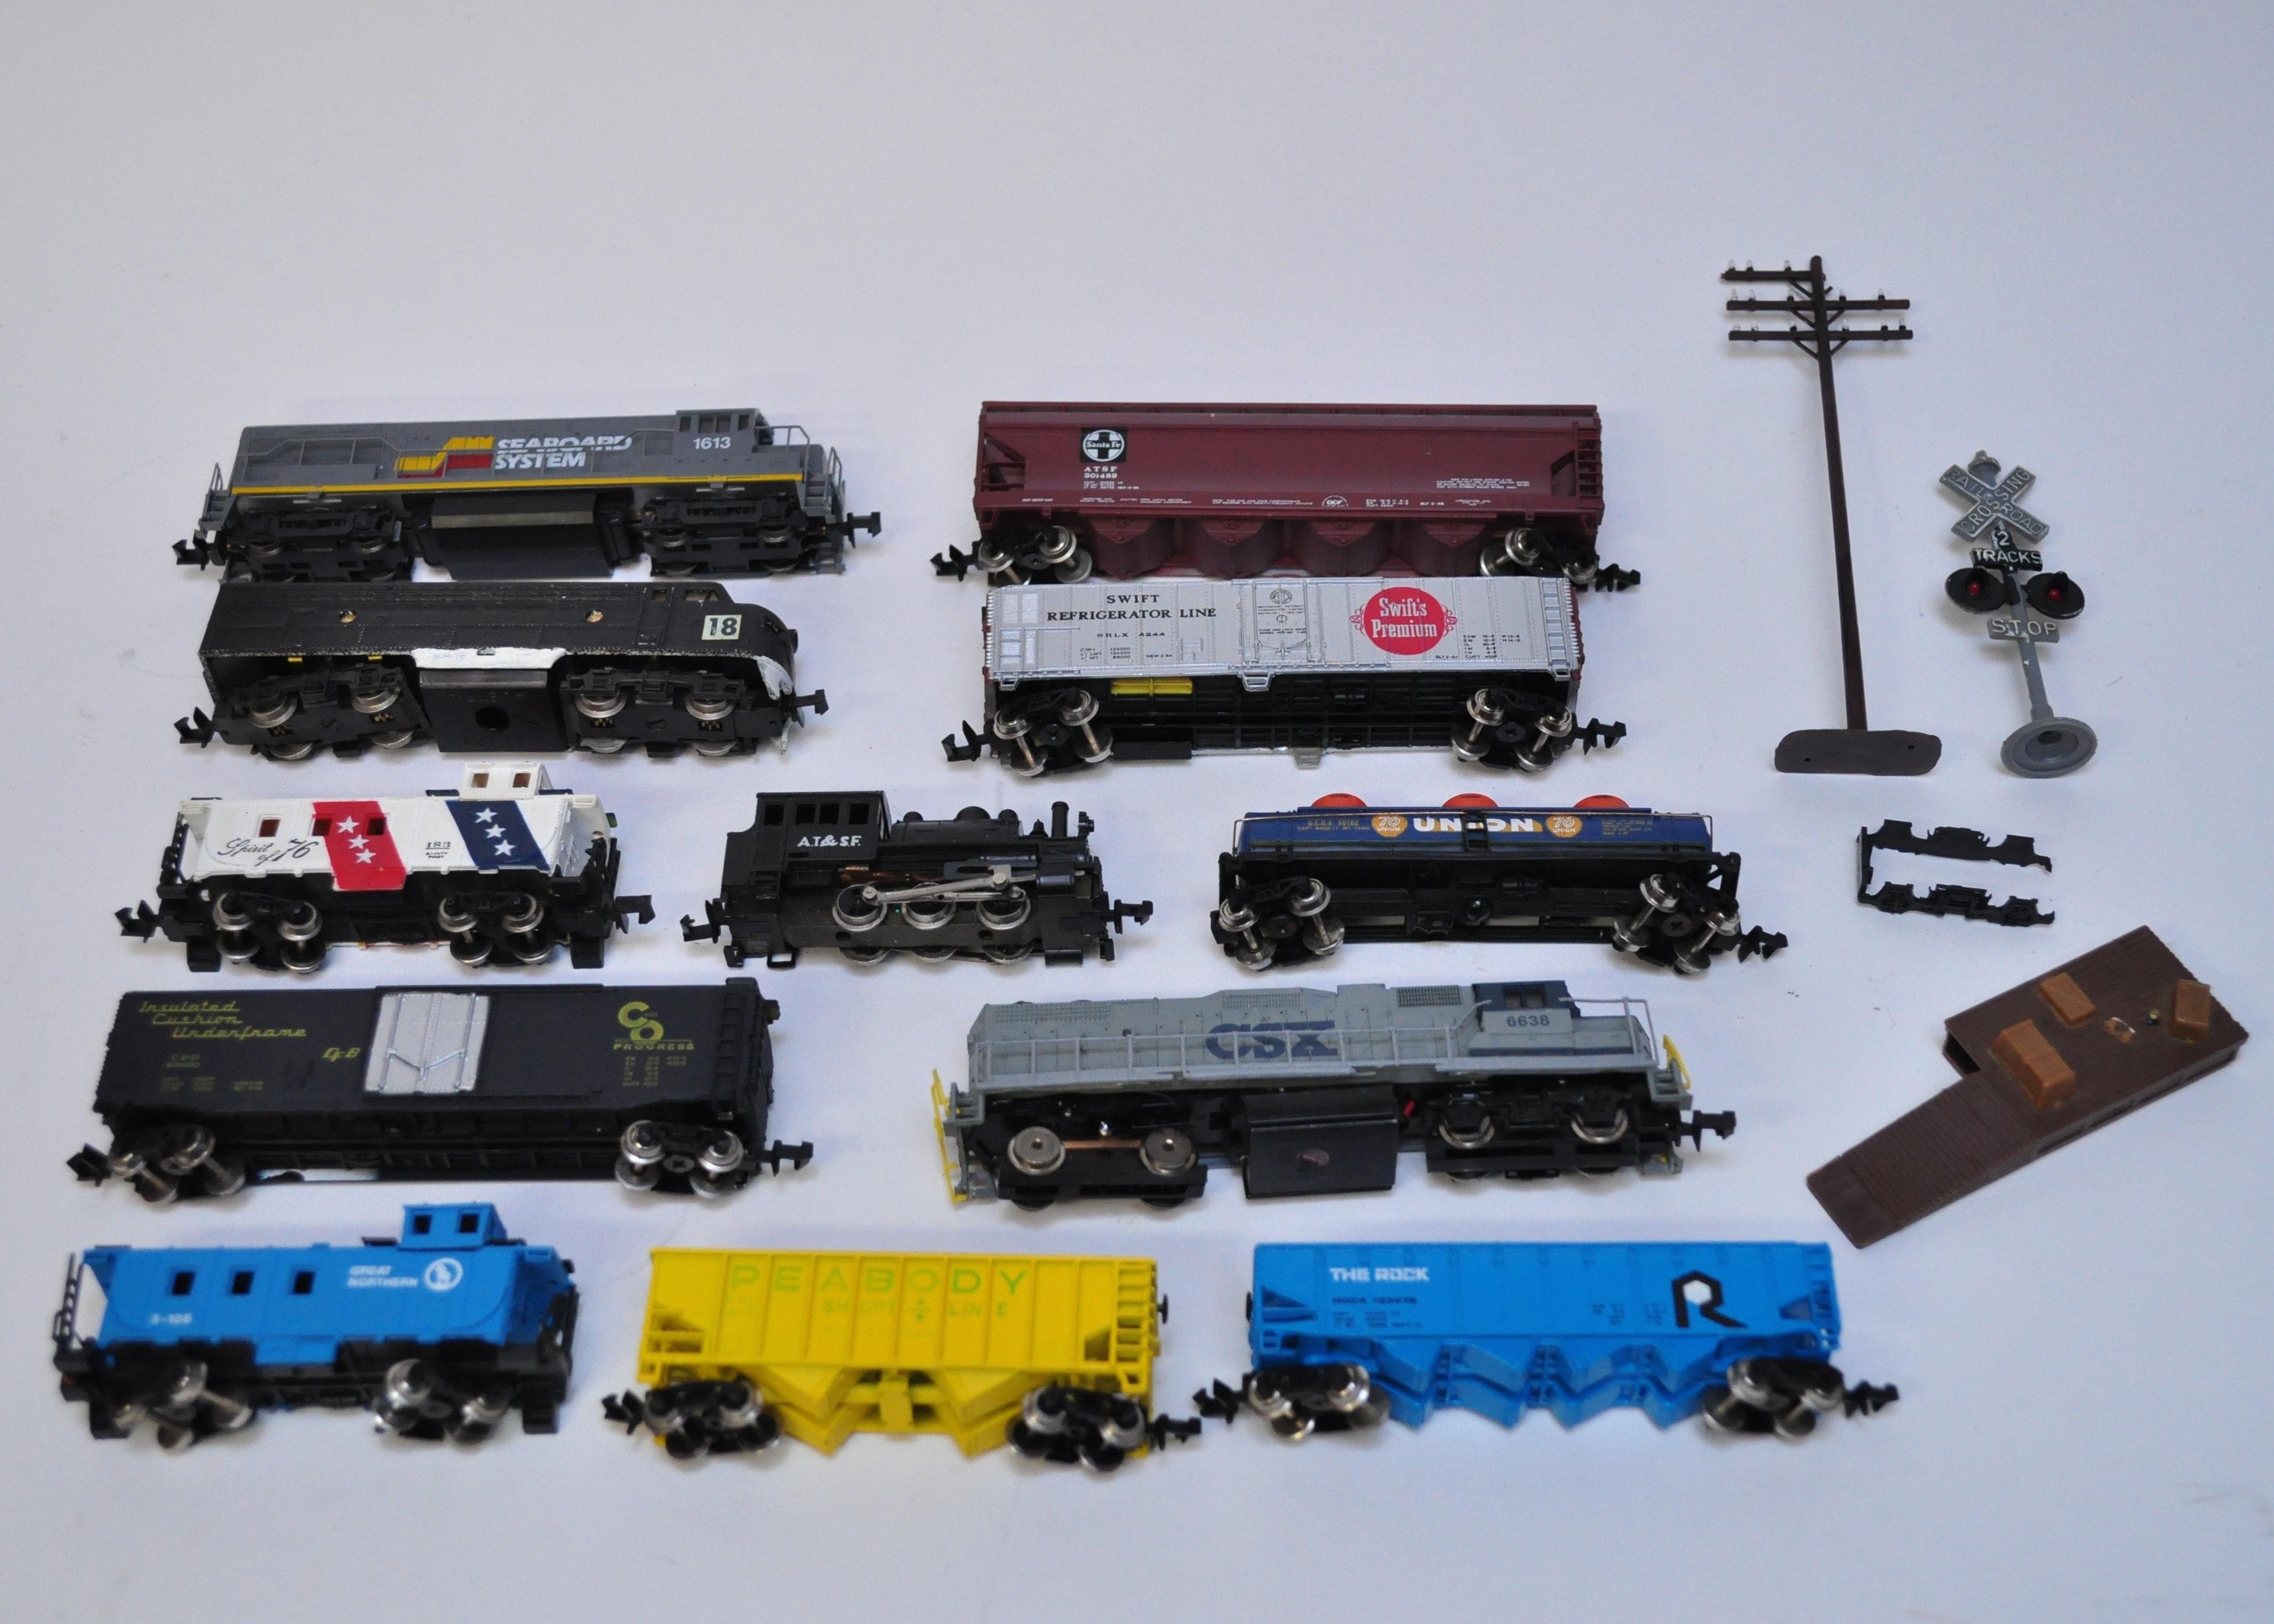 Lexington Ky Toys Collectibles Amp More 15lex177 Ebth